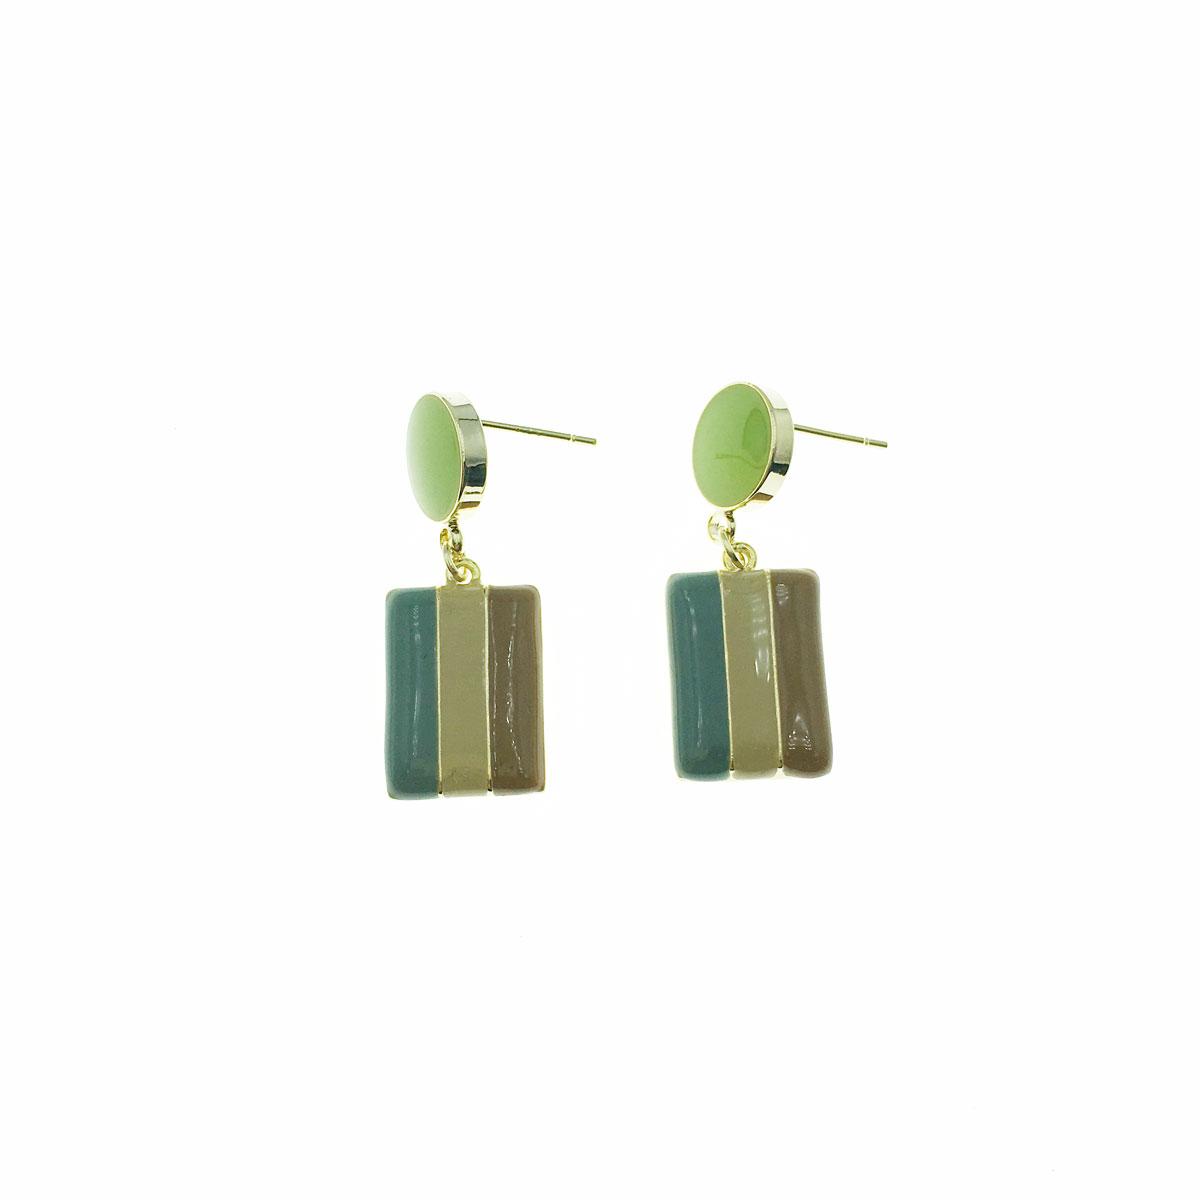 韓國 925純銀 圓 長方形 垂墜感 耳針式 耳環